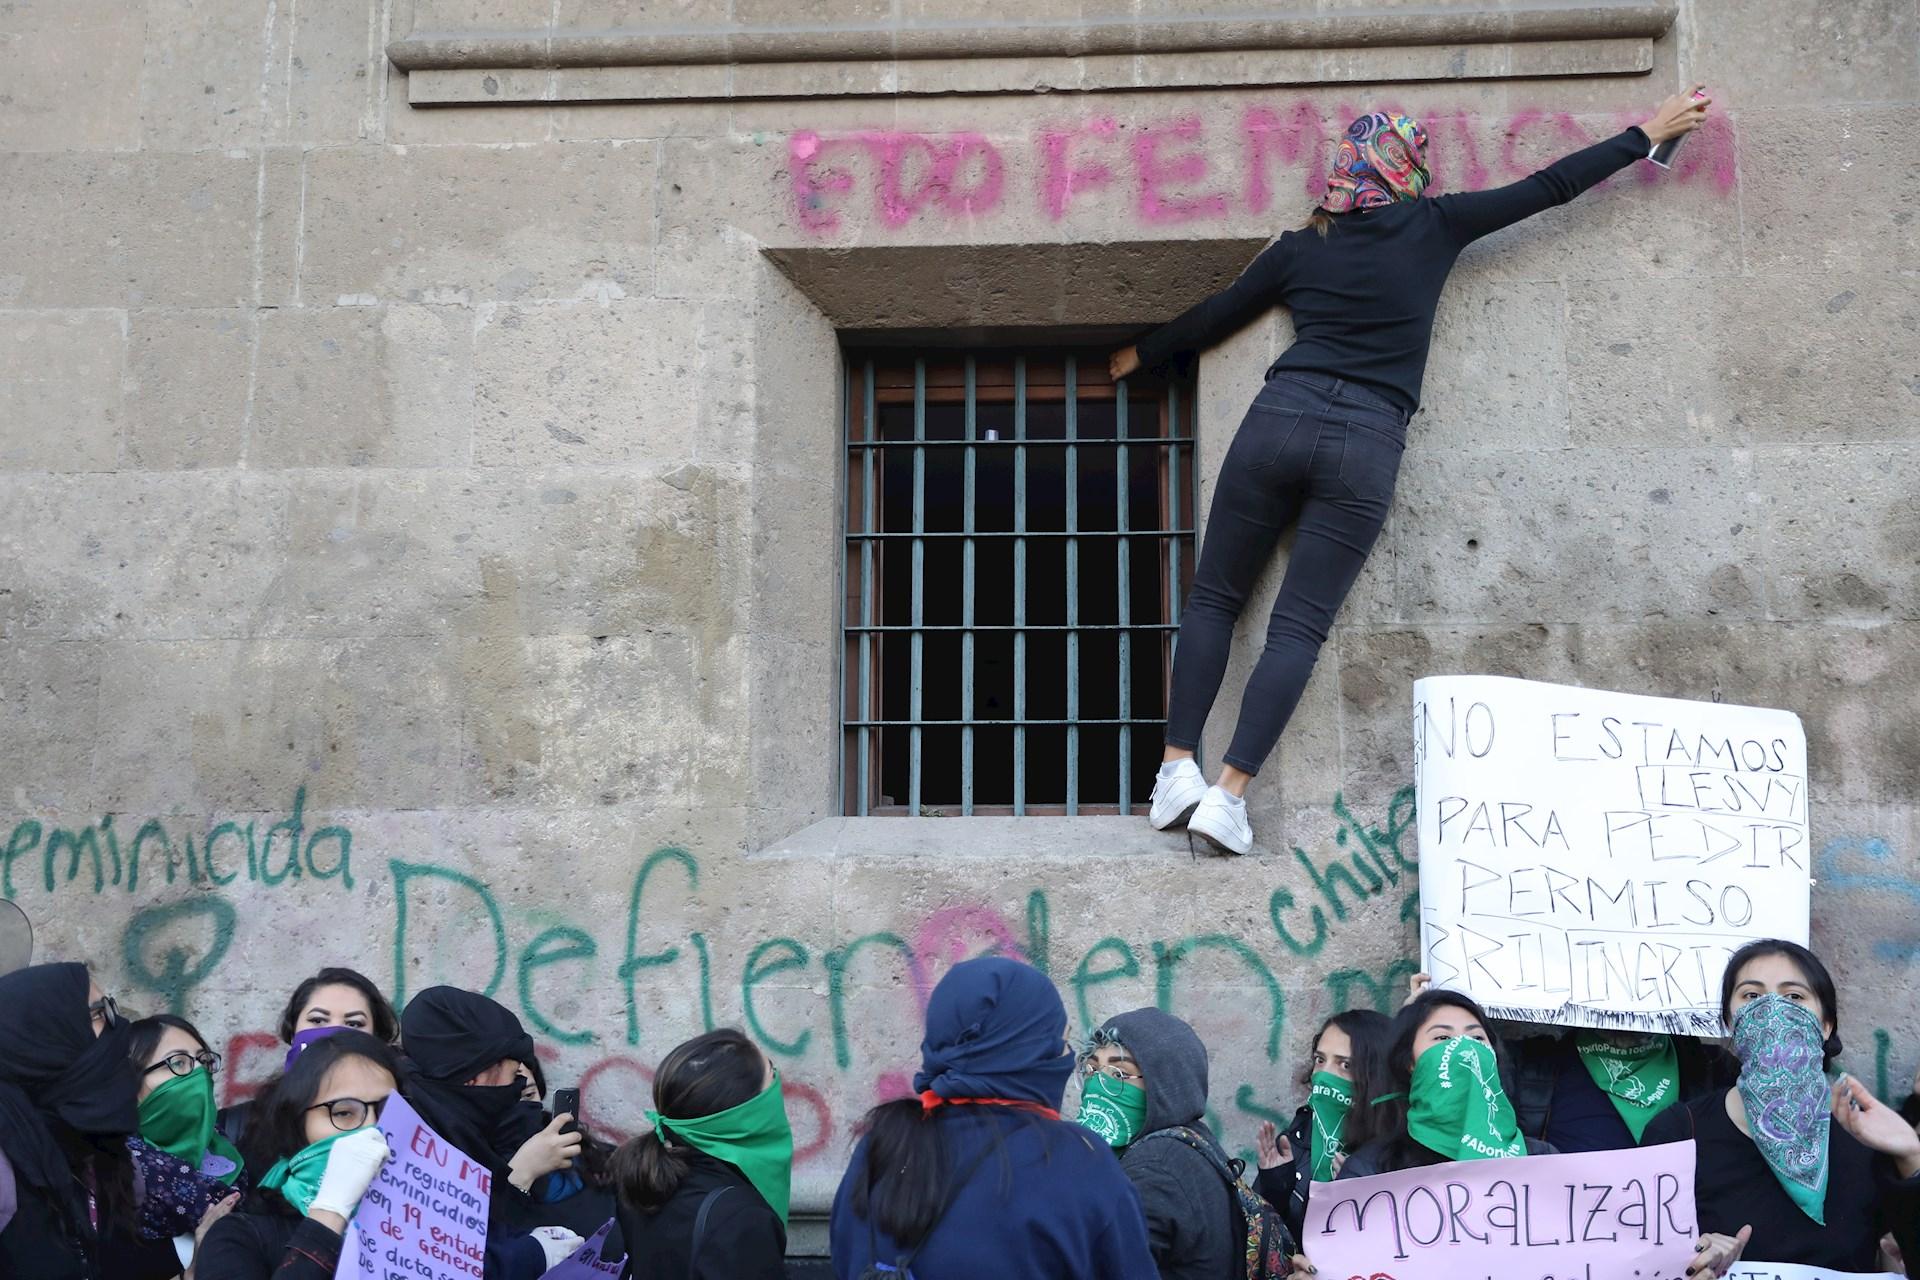 Colectivos y organizaciones feministas prenden una fogata en forma de protesta este martes frente al Palacio Nacional por la muerte de Fátima. Foto de EFE/ Sáshenka Gutiérrez.